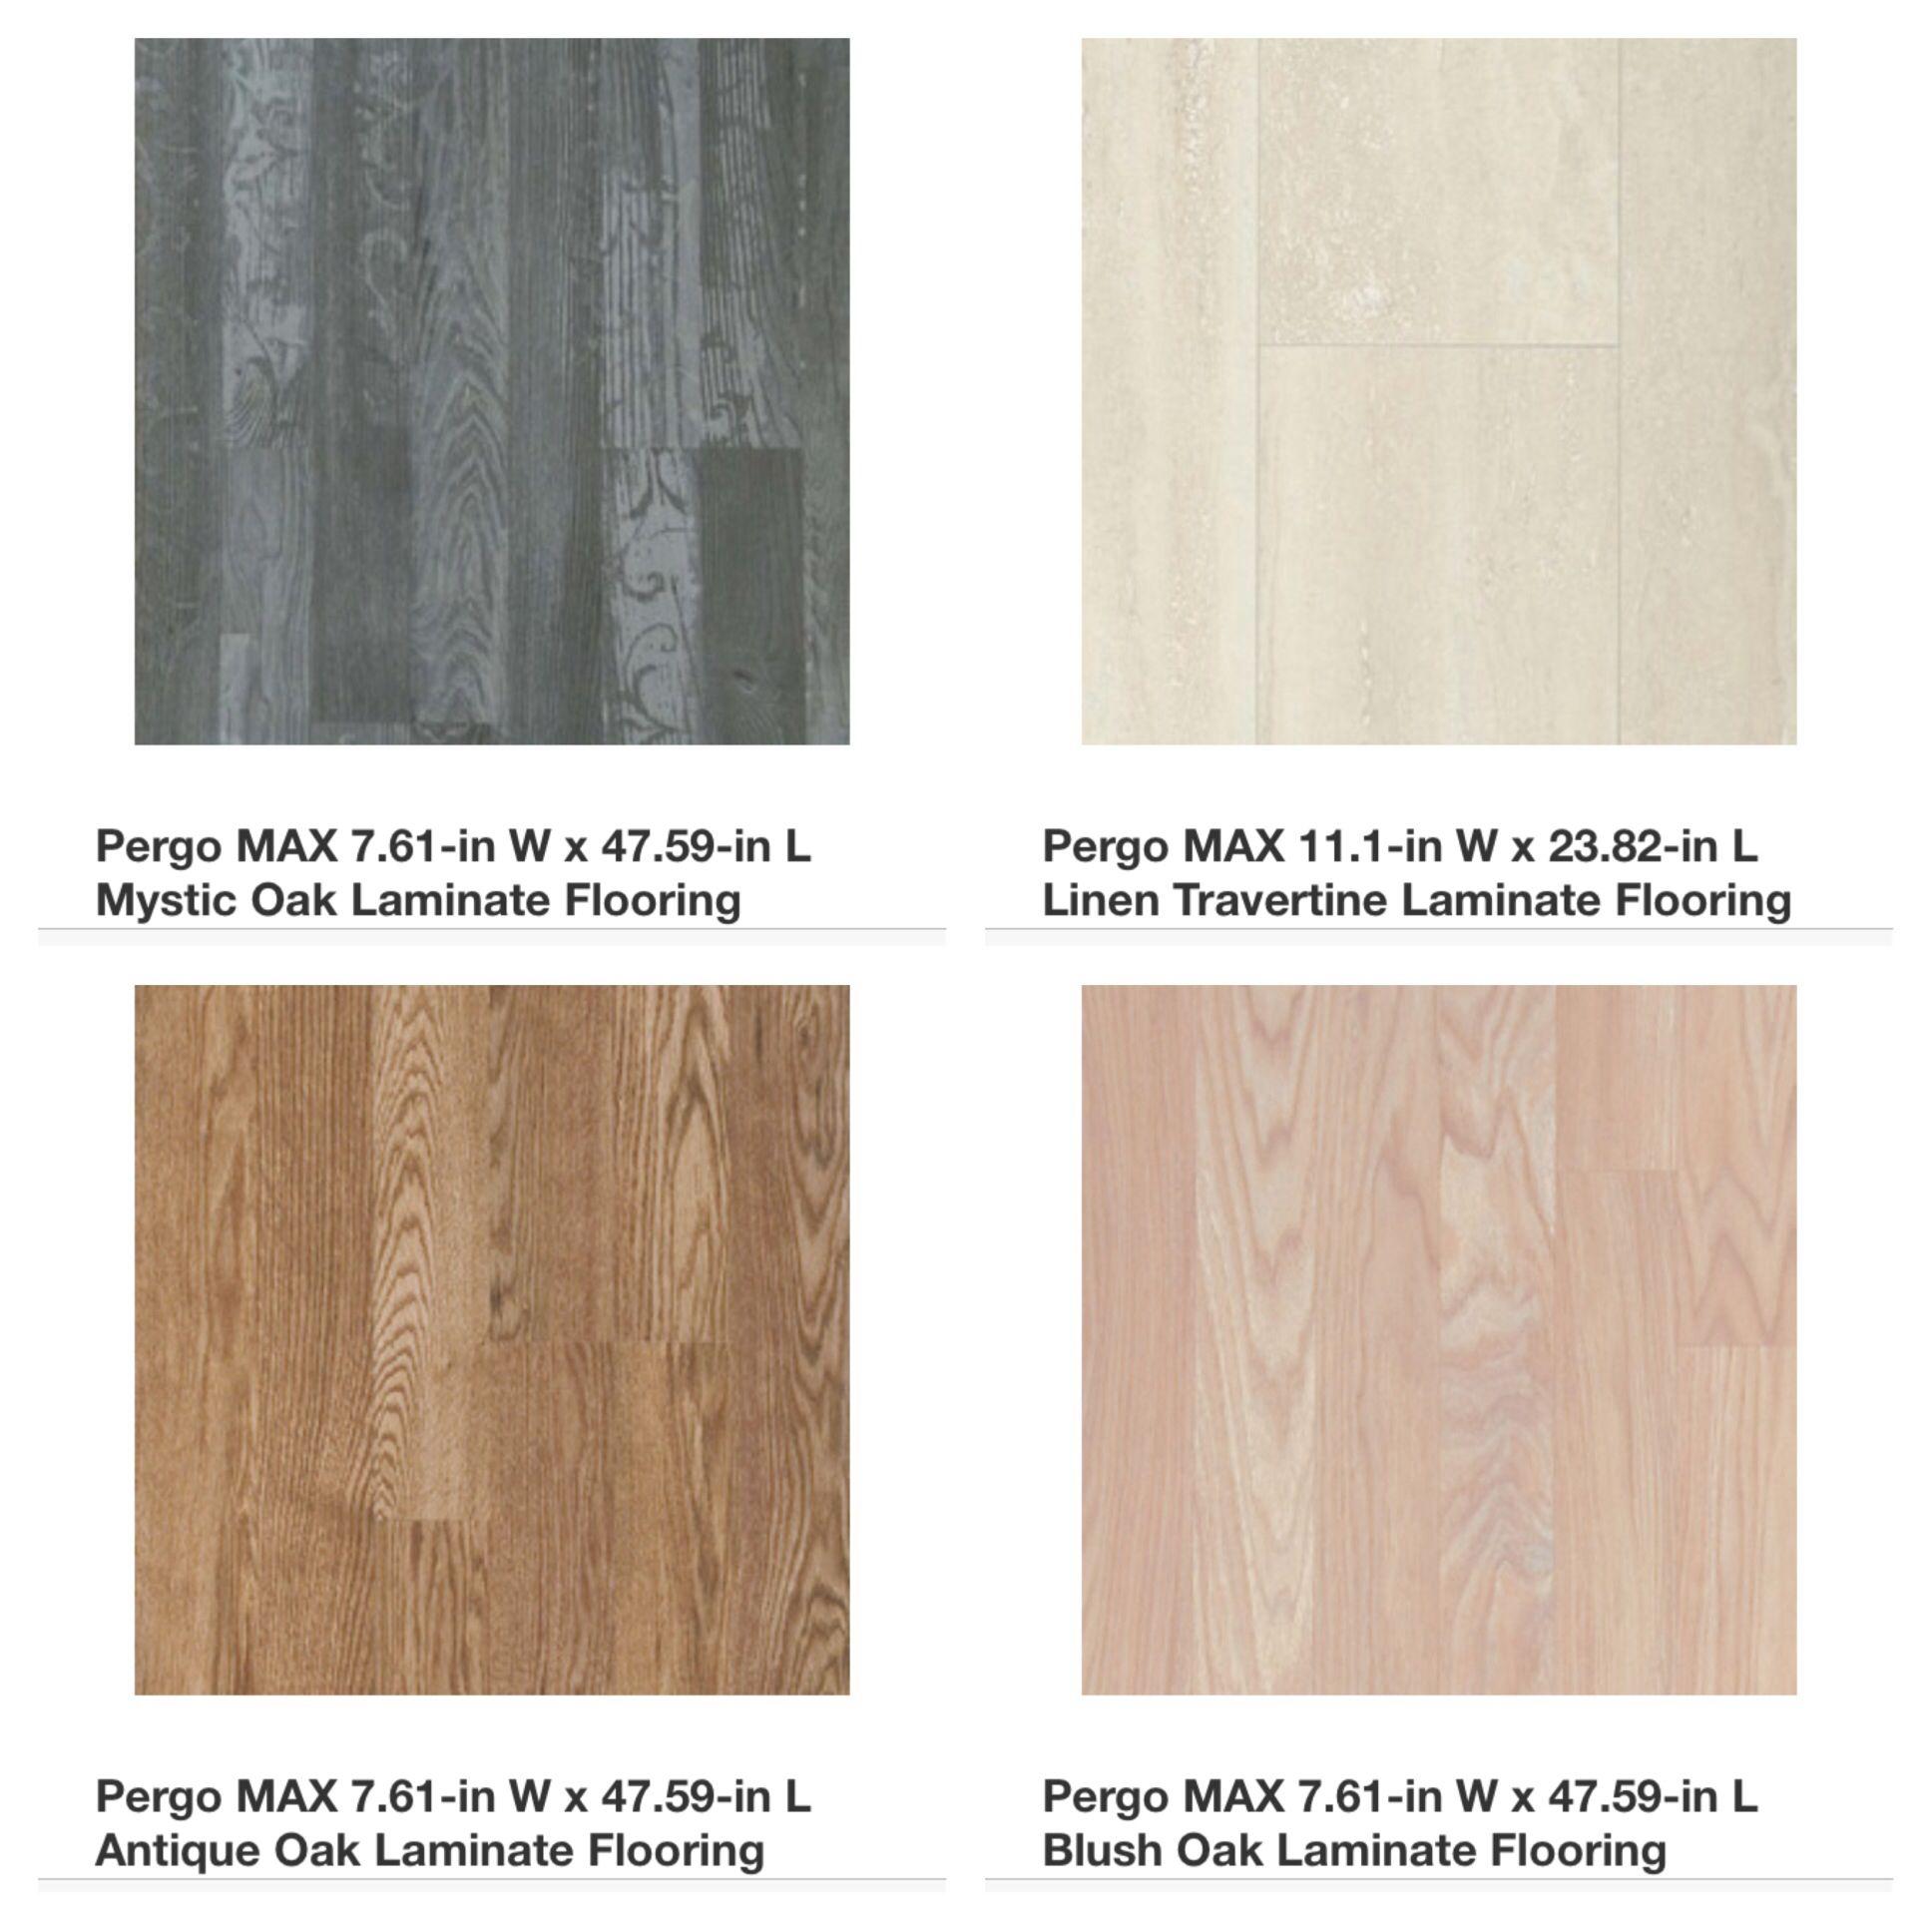 Pergo Flooring For Coastal Home Via Lowes Floor Colors Homes Second